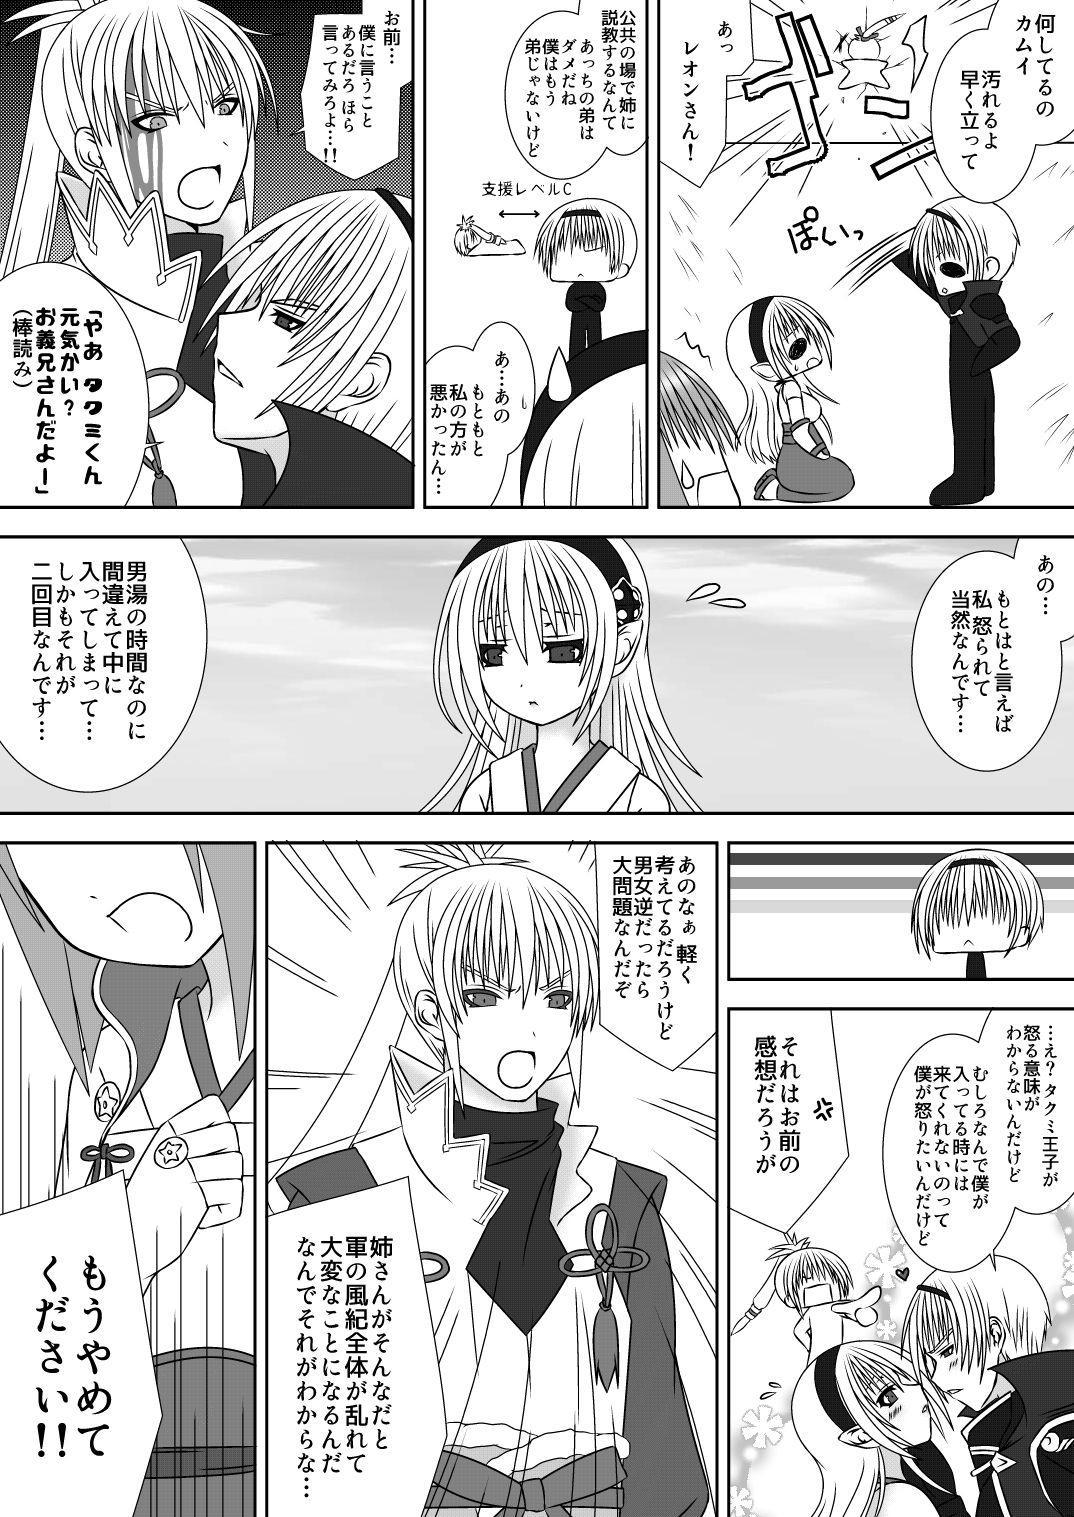 Onee-chan ni Ecchi na Koto Shicha Ikemasen!! 2 2